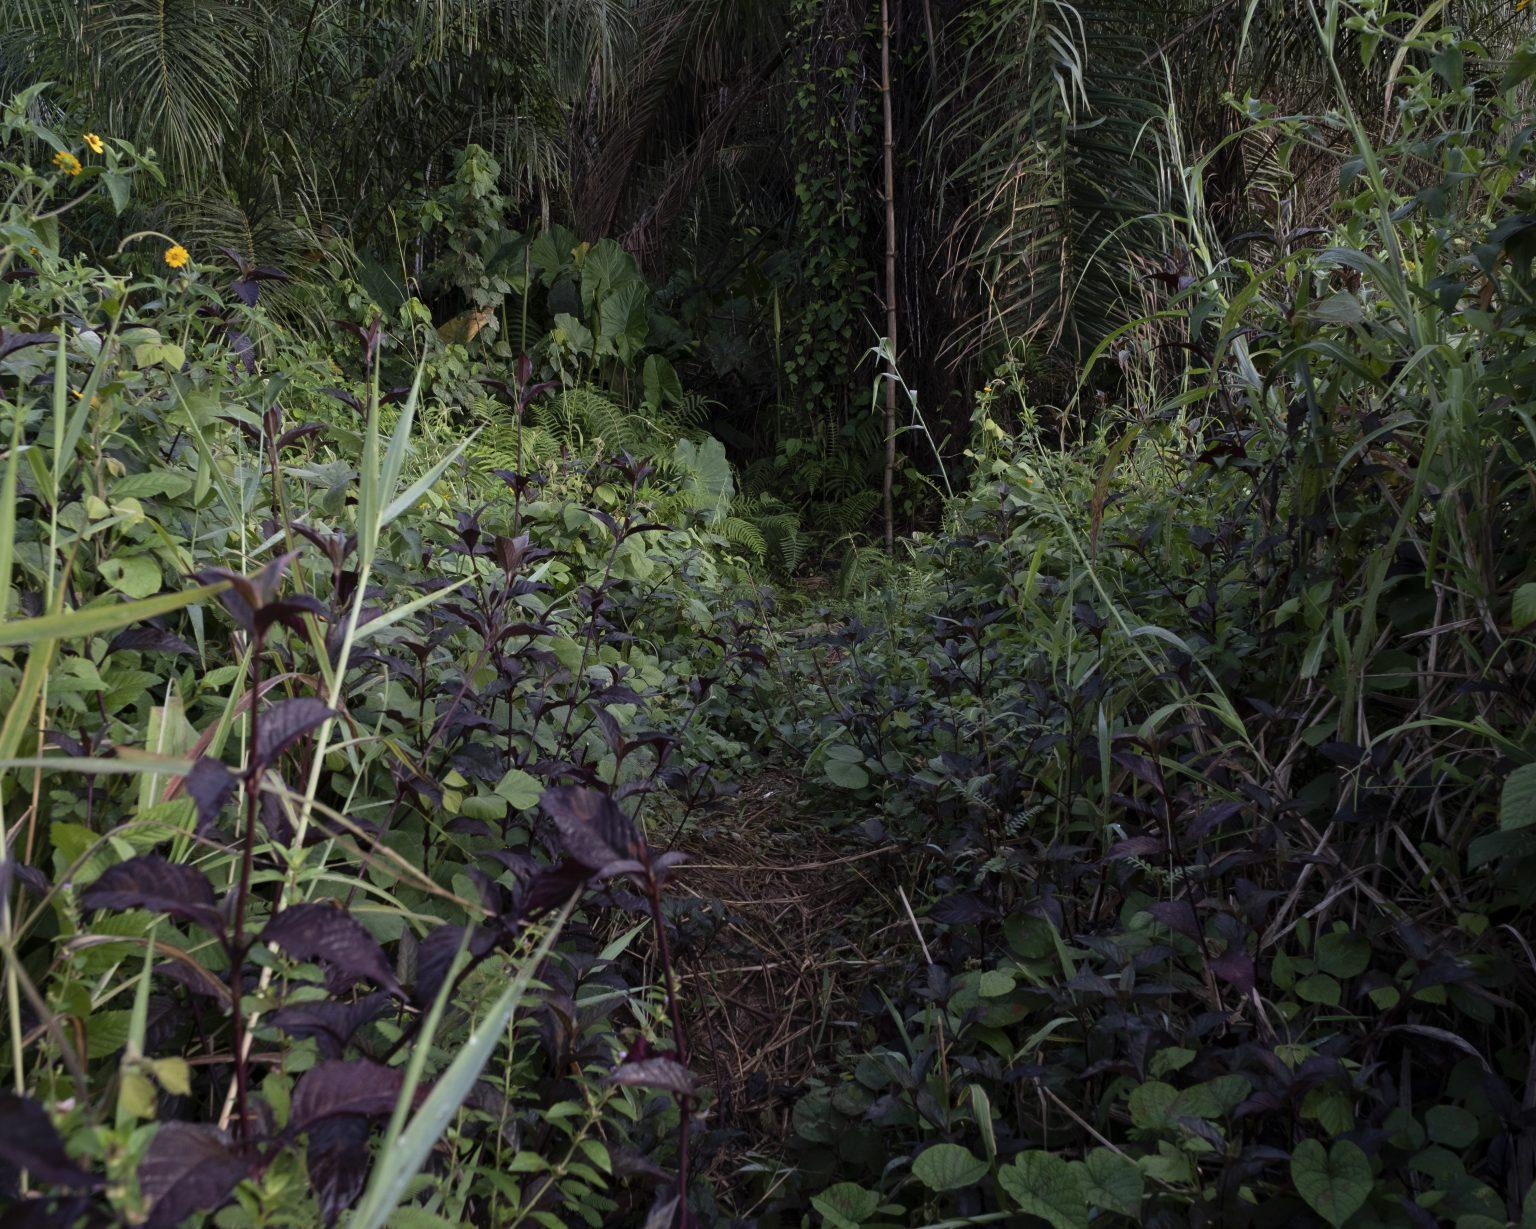 Northwestern Liberia, October 2019 - The forest surrounding a village. >< Liberia nord-occidentale, ottobre 2019 - Foresta che circonda un villaggio.